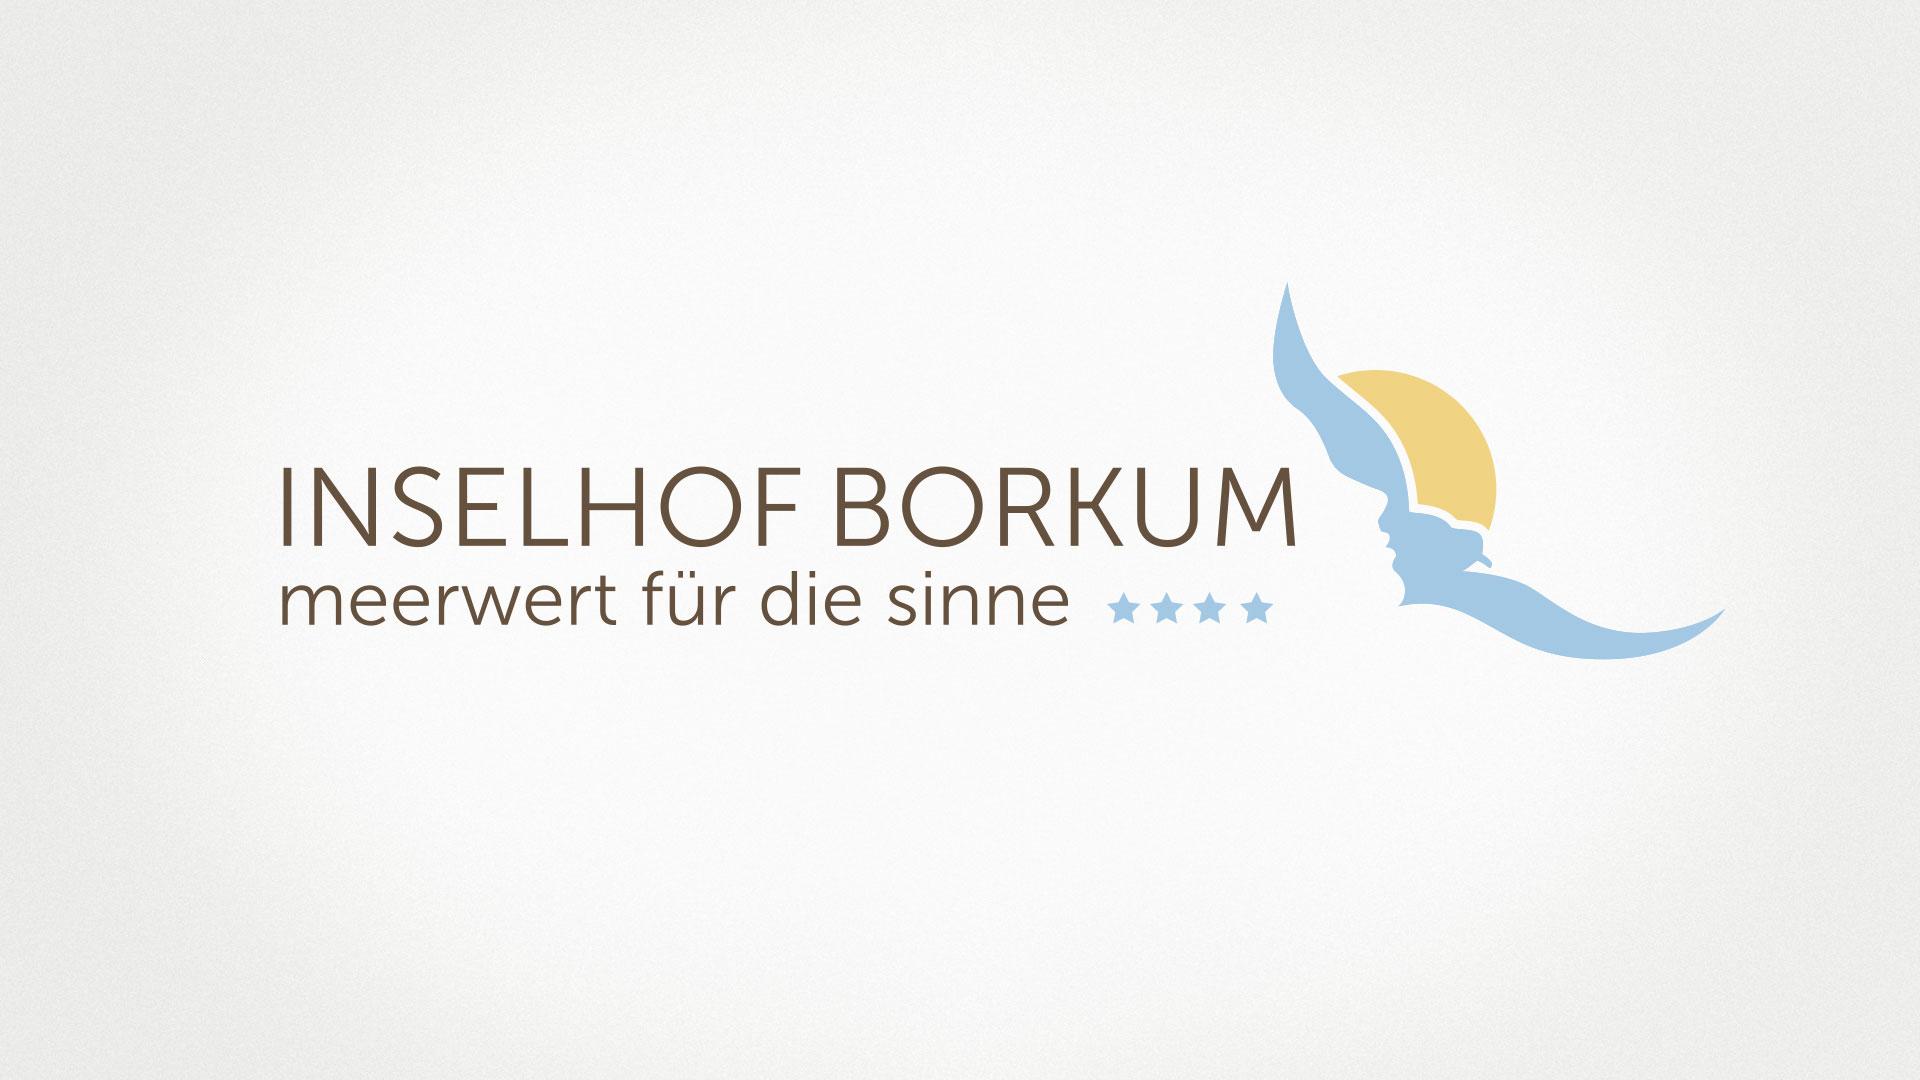 """artventura-Projekt Coporate-Design-Entwicklung für das 4-Sterne-Hotel """"Inselhof Borkum"""": Logo und Claim"""